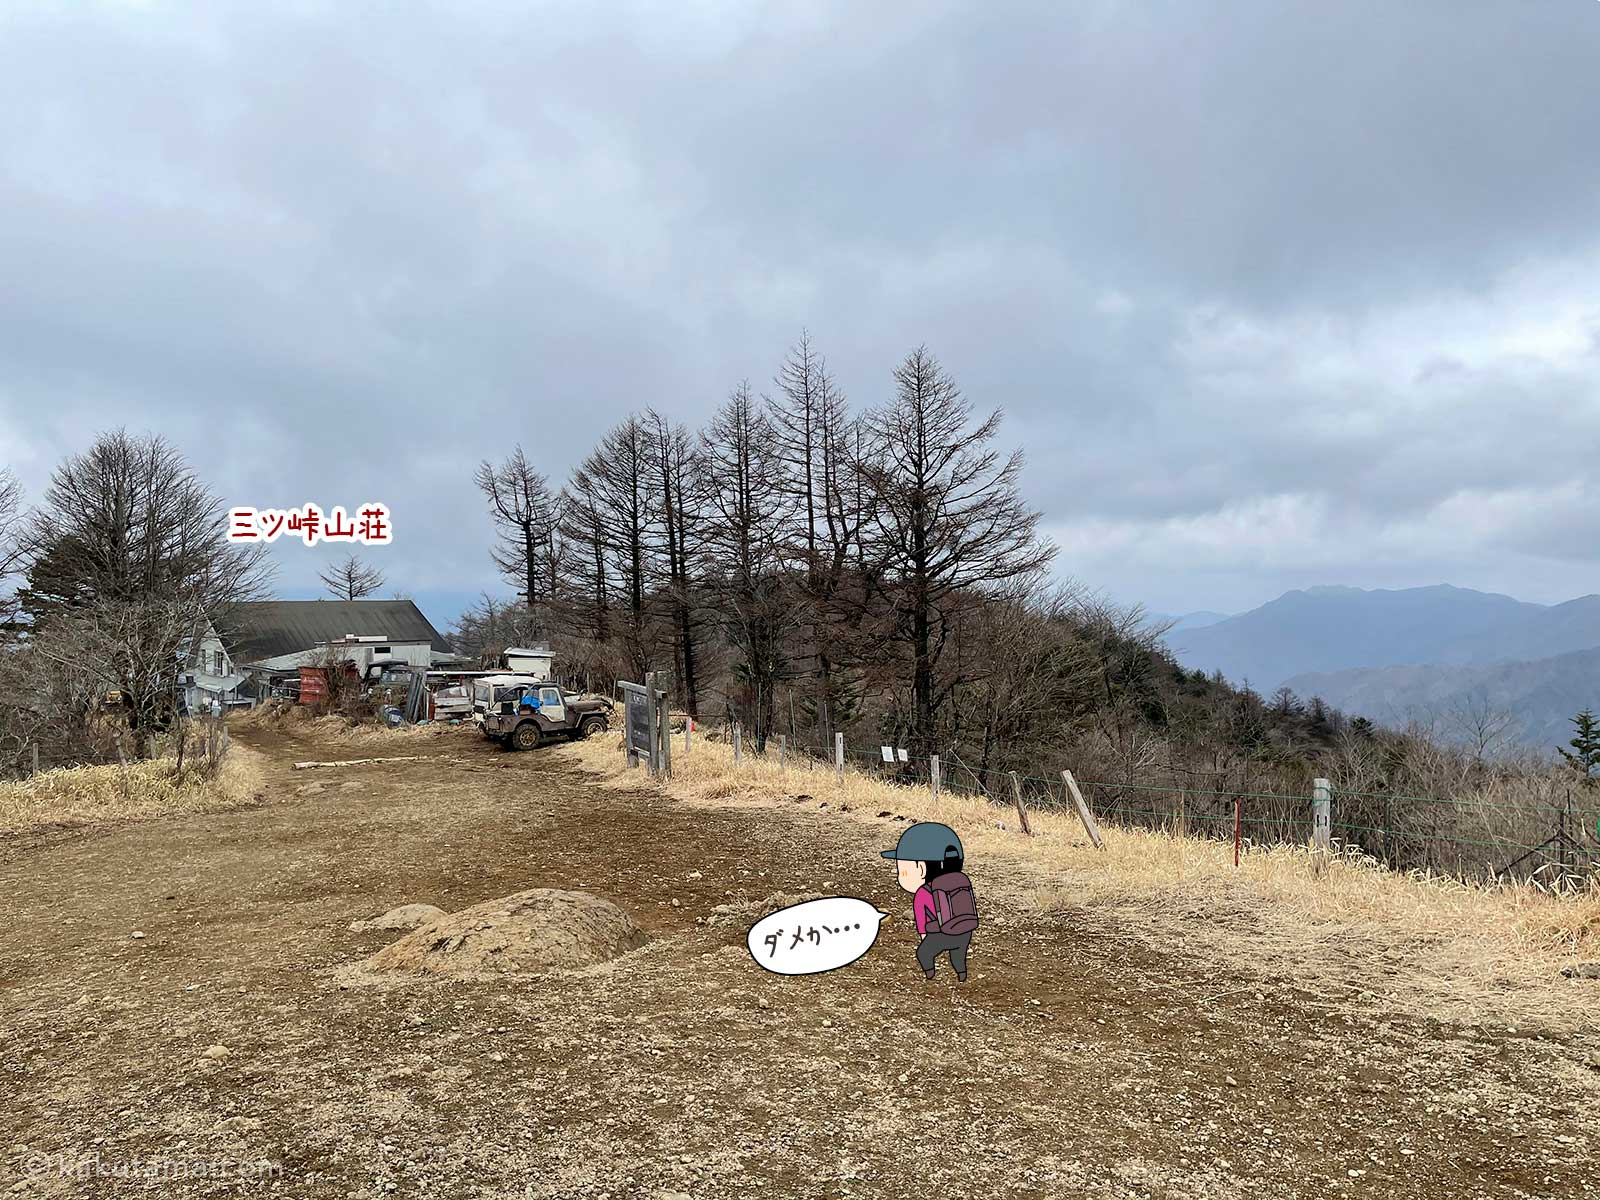 三ツ峠山荘へ向かう